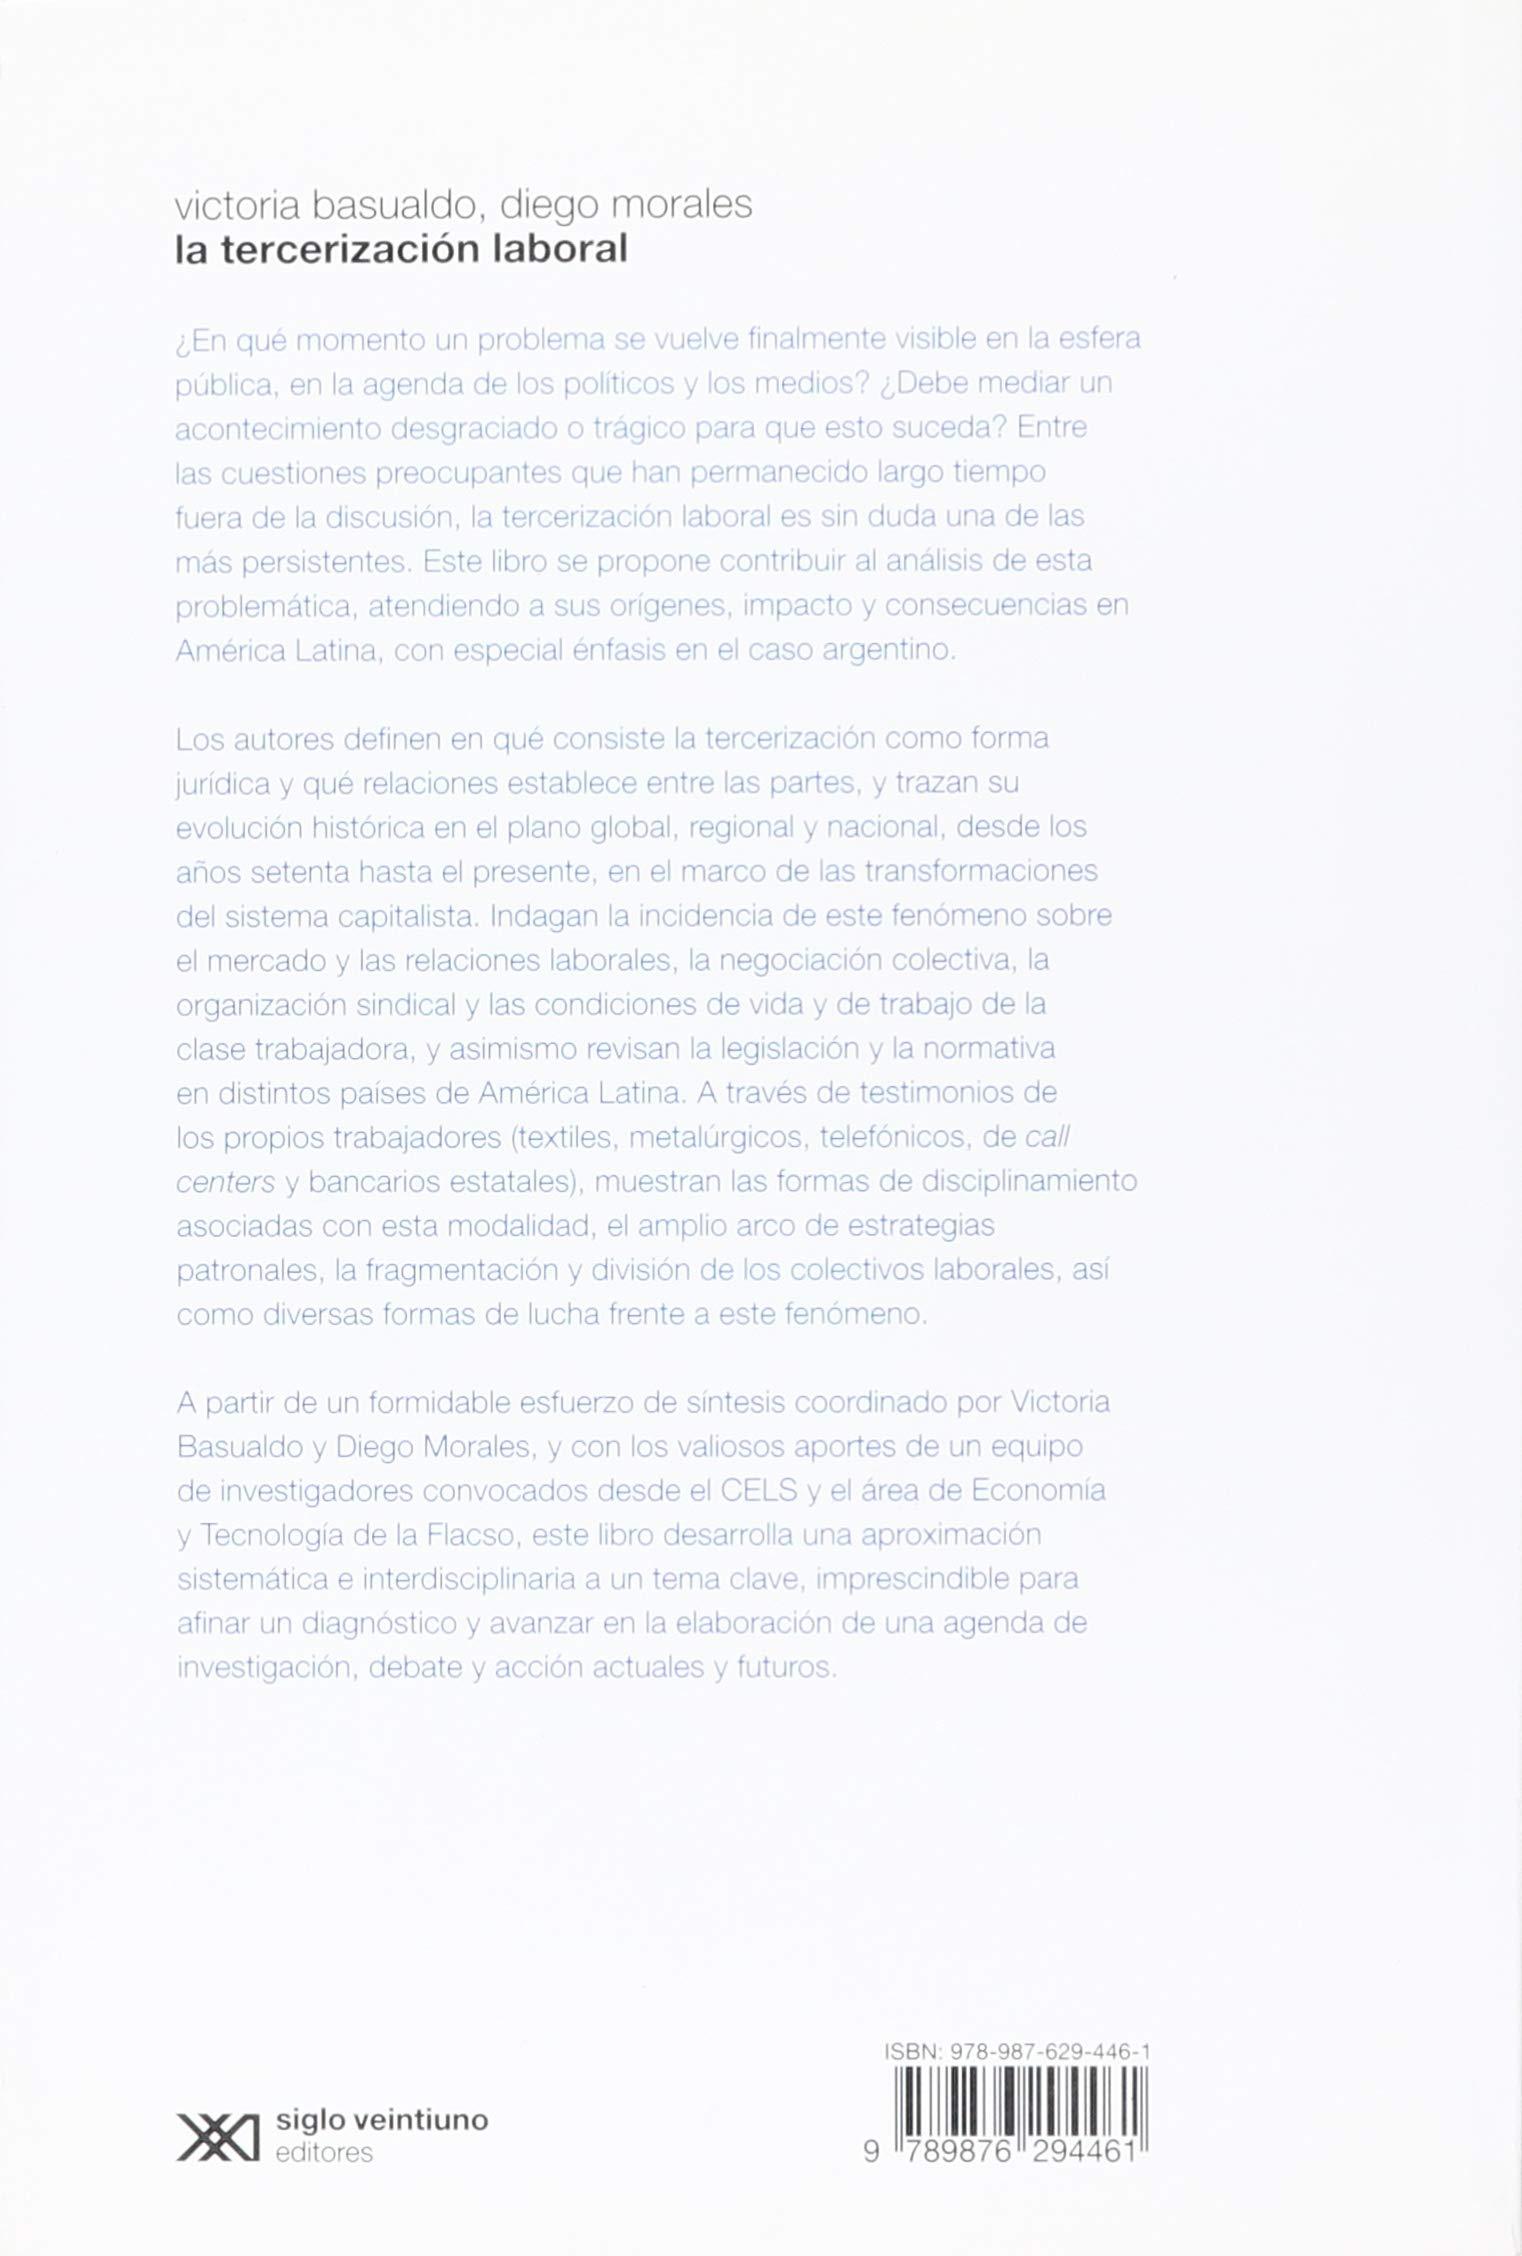 TERCERIZACION LABORAL, LA: VICTORIA Y MORALES, DIEGO (COORDS ...